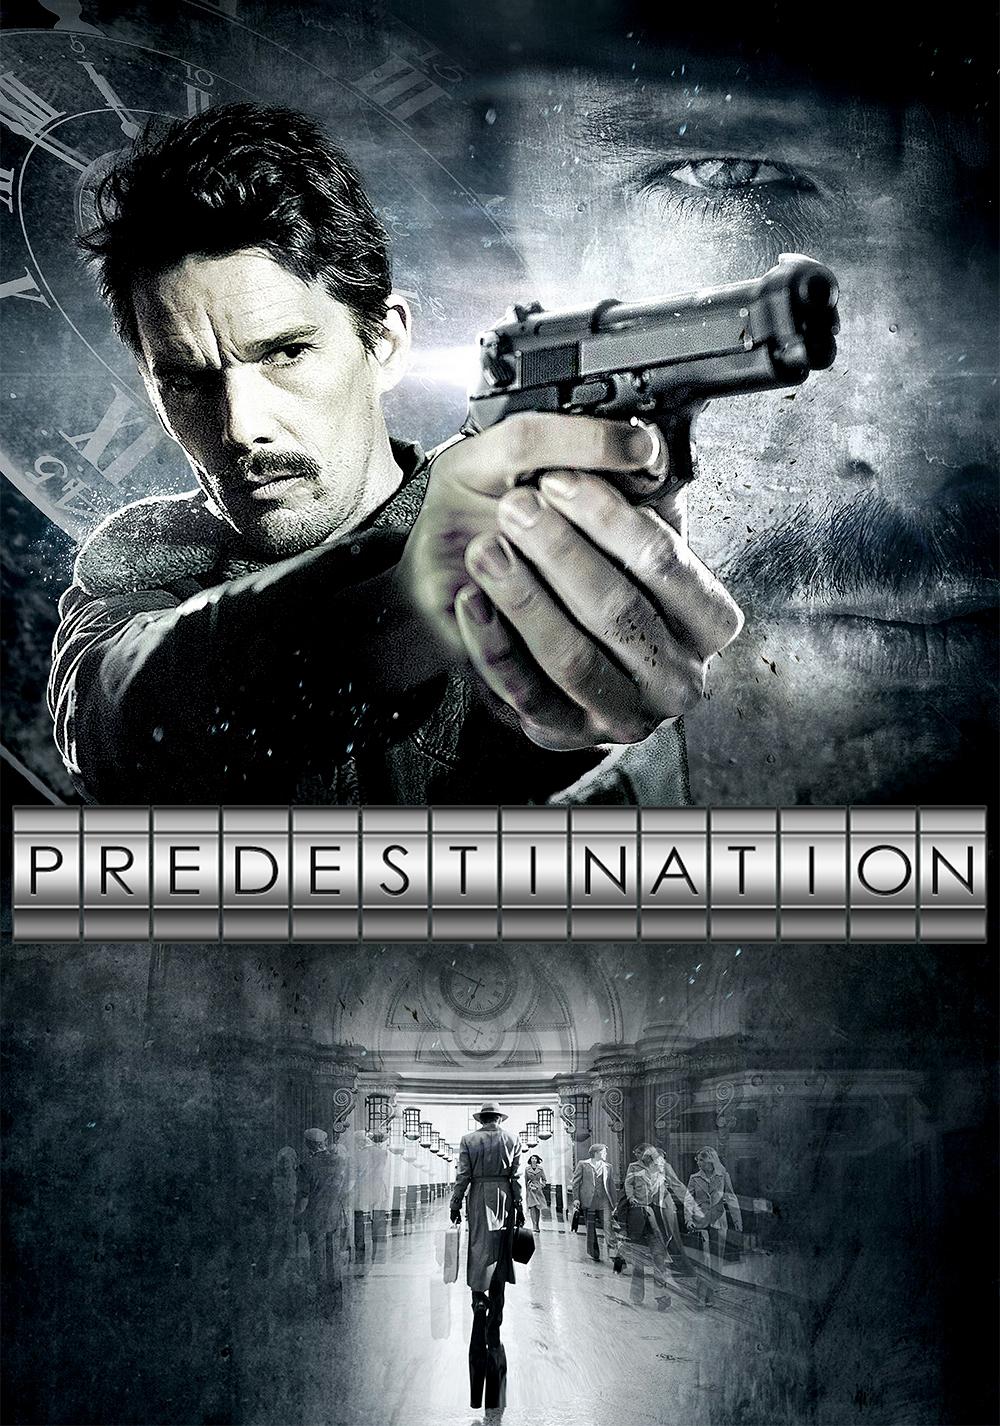 Predestination | Movie fanart | fanart.tv